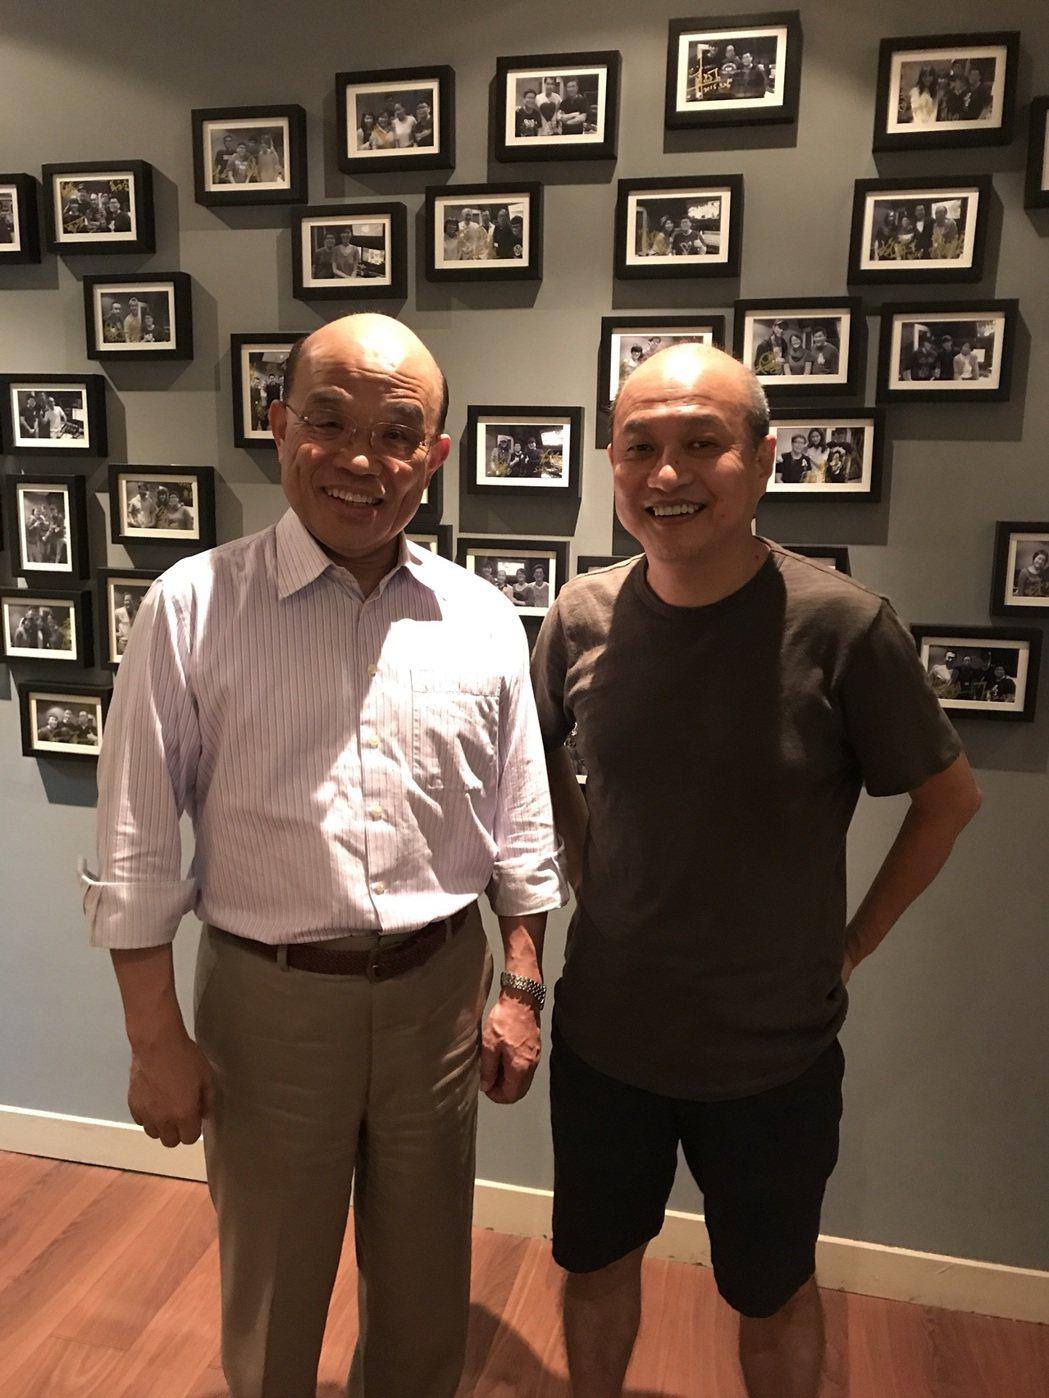 蘇貞昌(左)與新片「衝組」導演鄭文堂相識多年。圖/鏡象電影提供